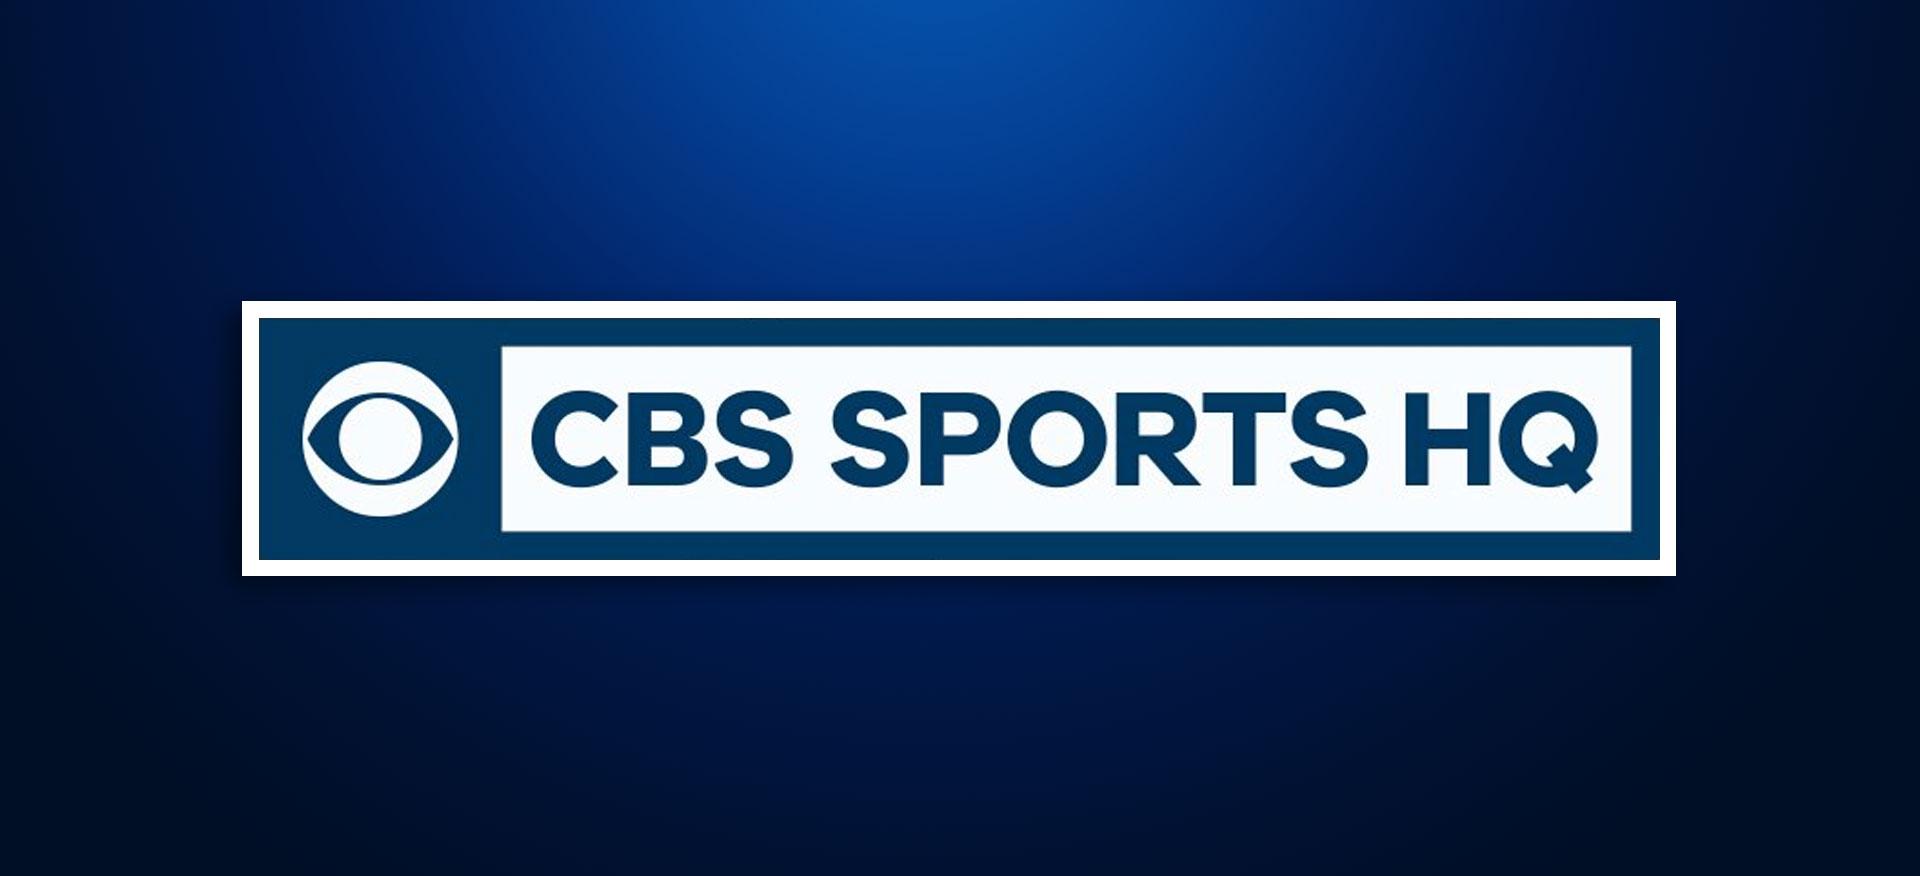 Bleacher Report Sports Highlights News Now - HD1920×876